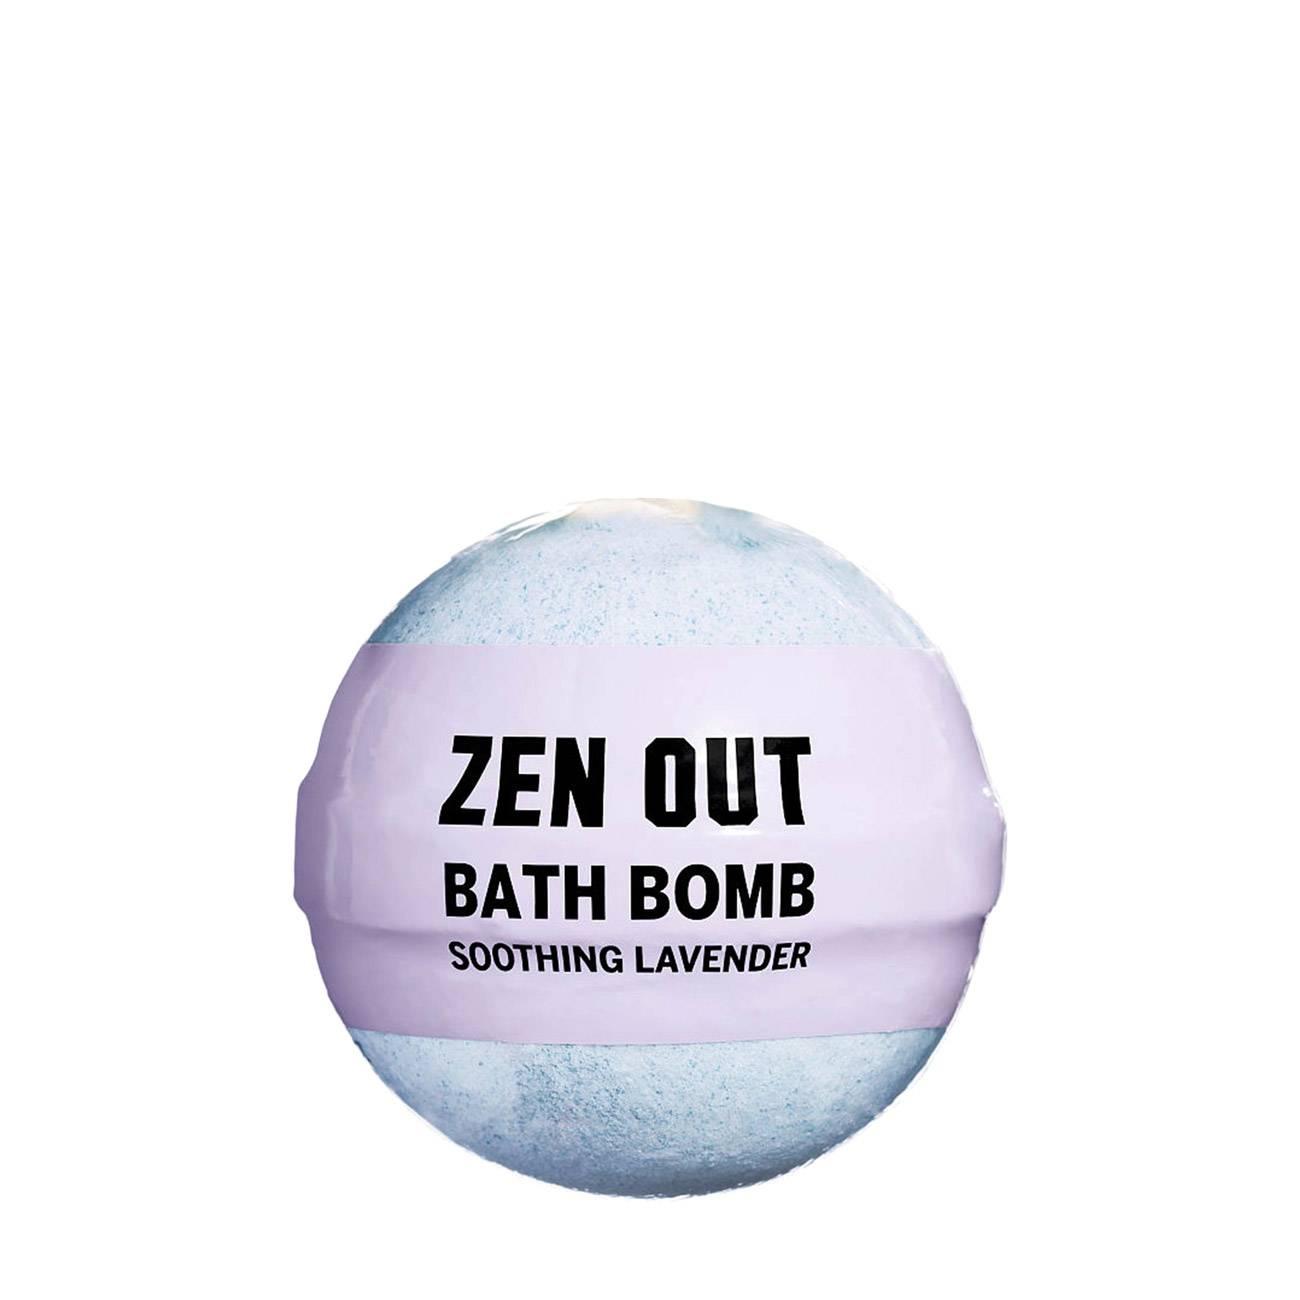 PINK ZEN OUT BATH BOMB 130gr imagine produs